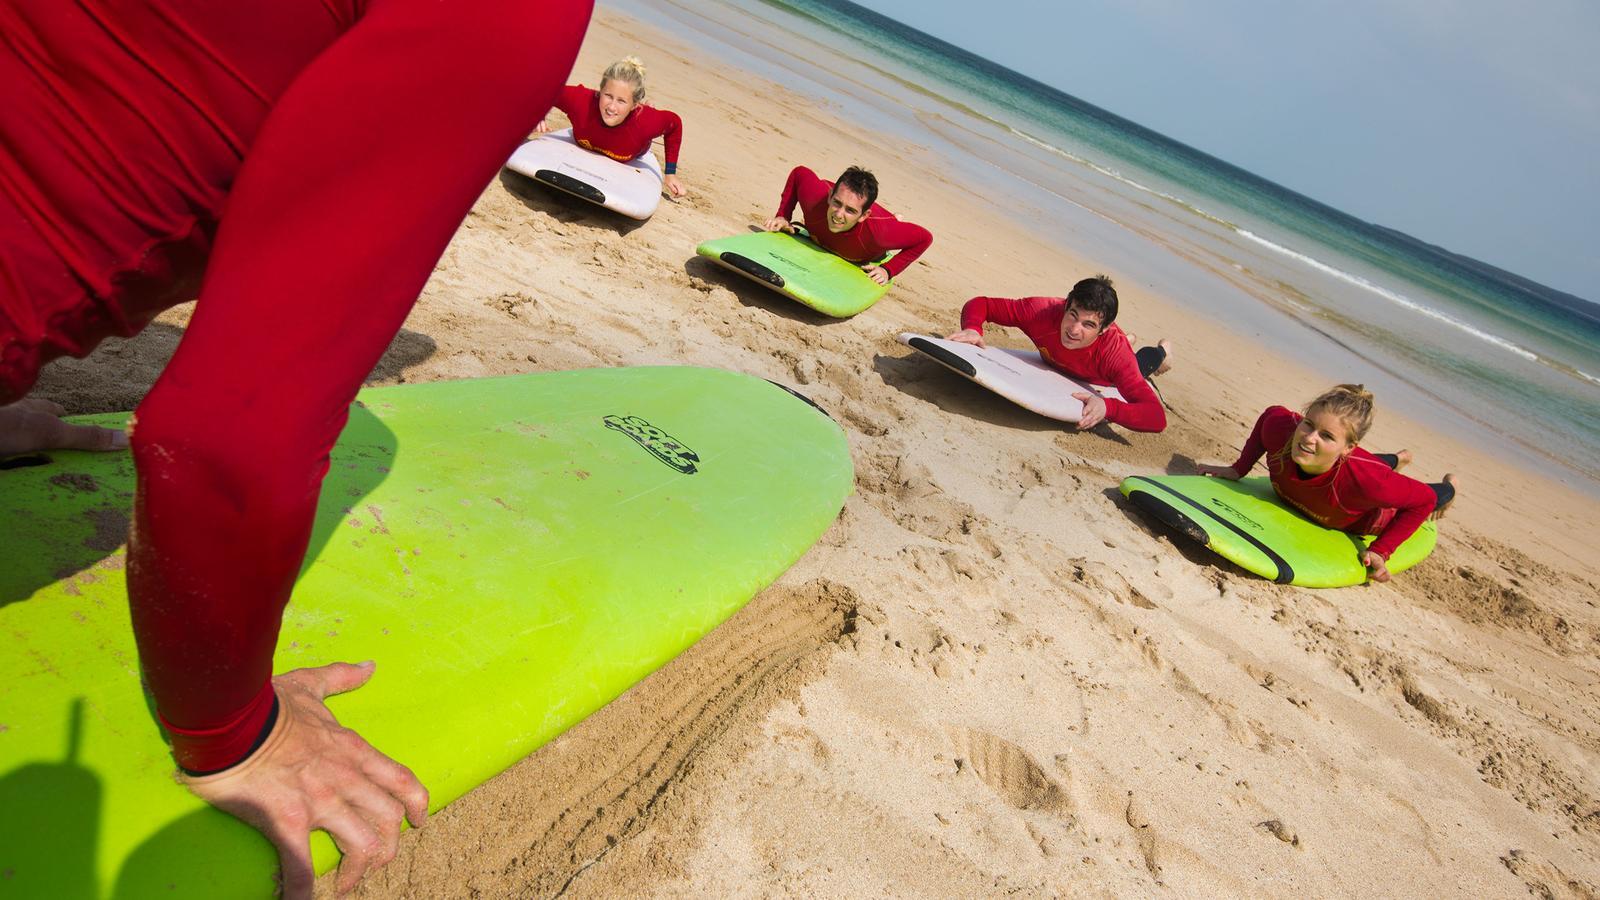 Surfkurs am Strand von Byron Bay in Australien Reisen für junge Leute traveljunkies